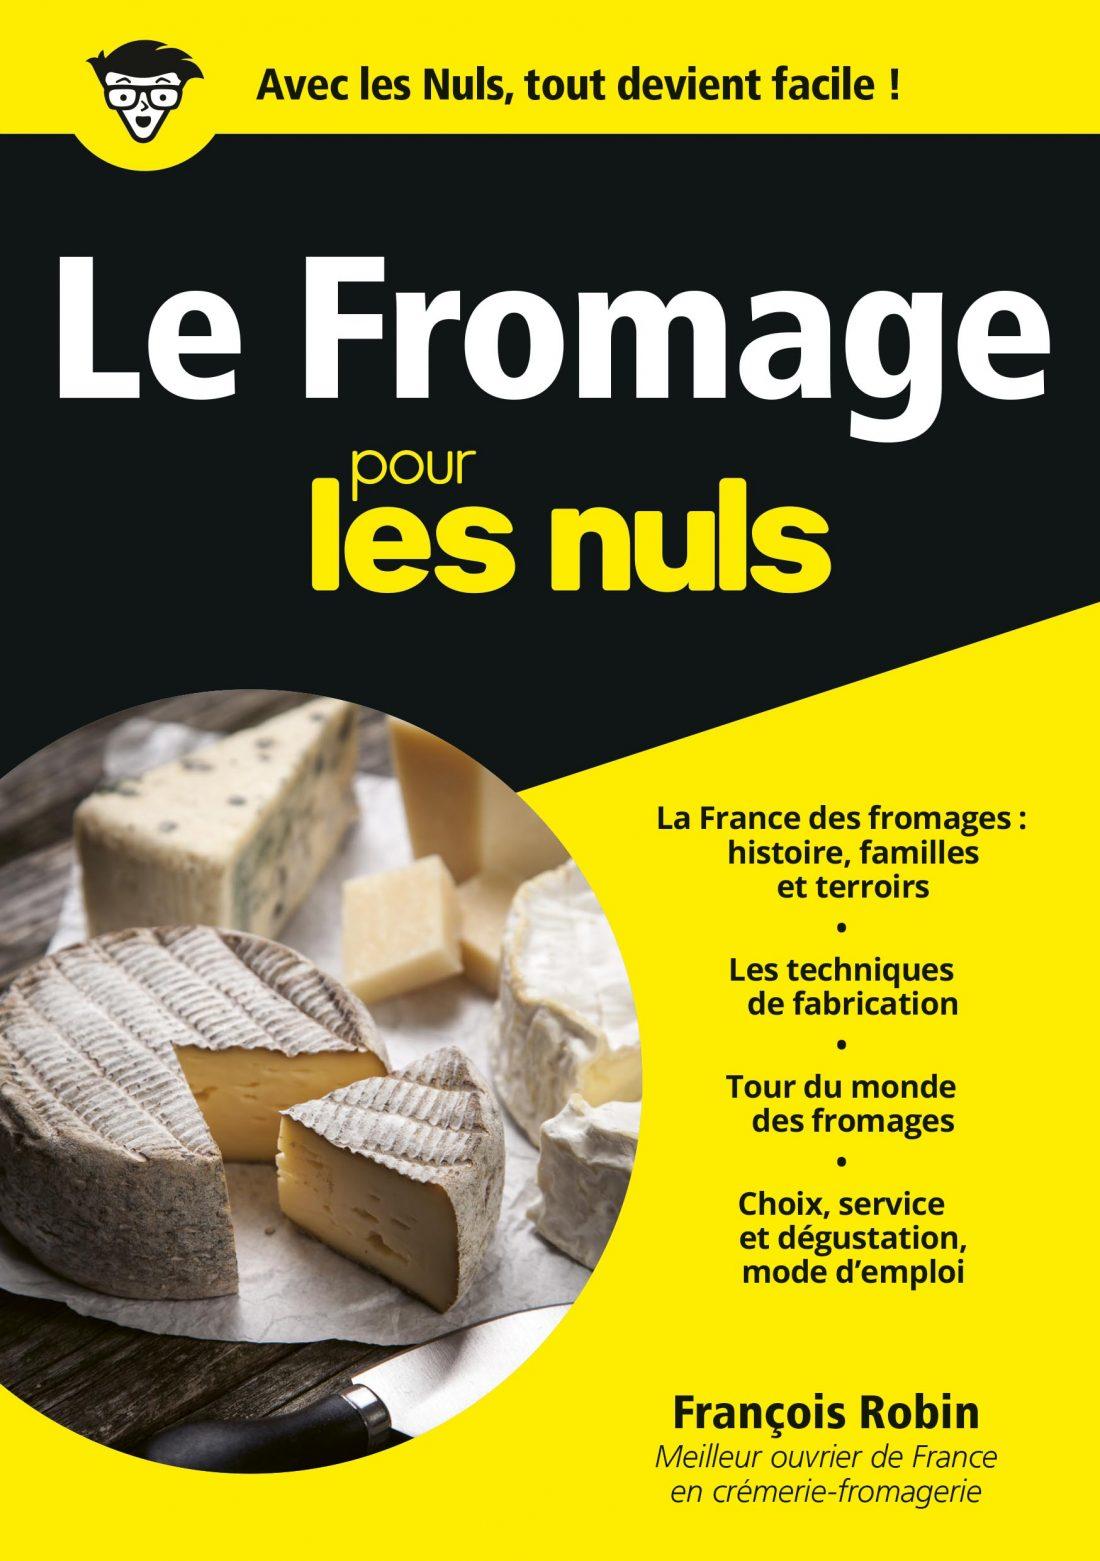 Comme tous les ouvrages « Pour les Nuls », celui dédié aux fromages est une mine d'informations pour qui ne peut se passer de Camembert, Mont d'Or...